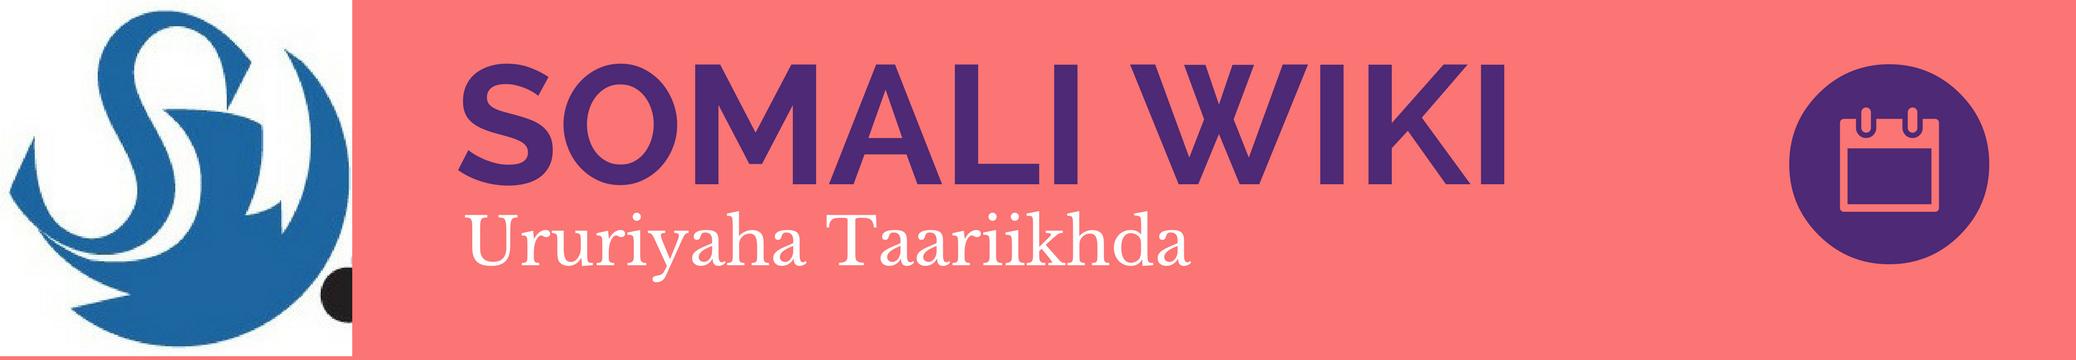 Somali Wiki